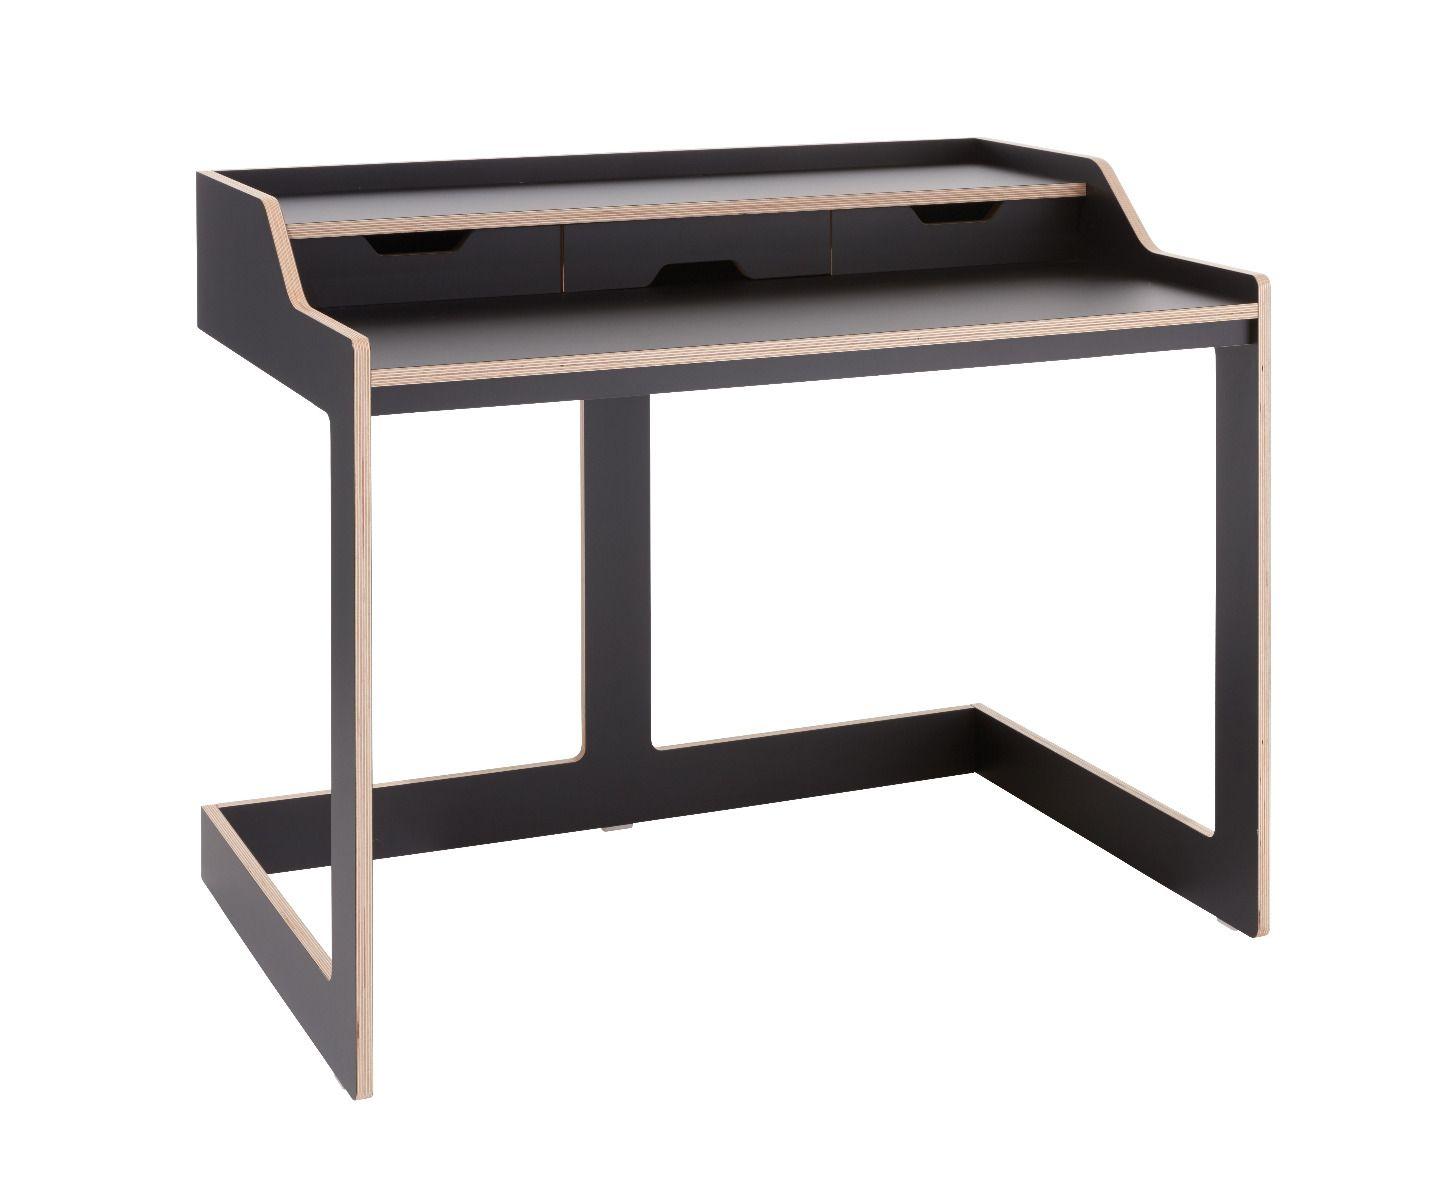 plane sekret r schreibtisch. Black Bedroom Furniture Sets. Home Design Ideas